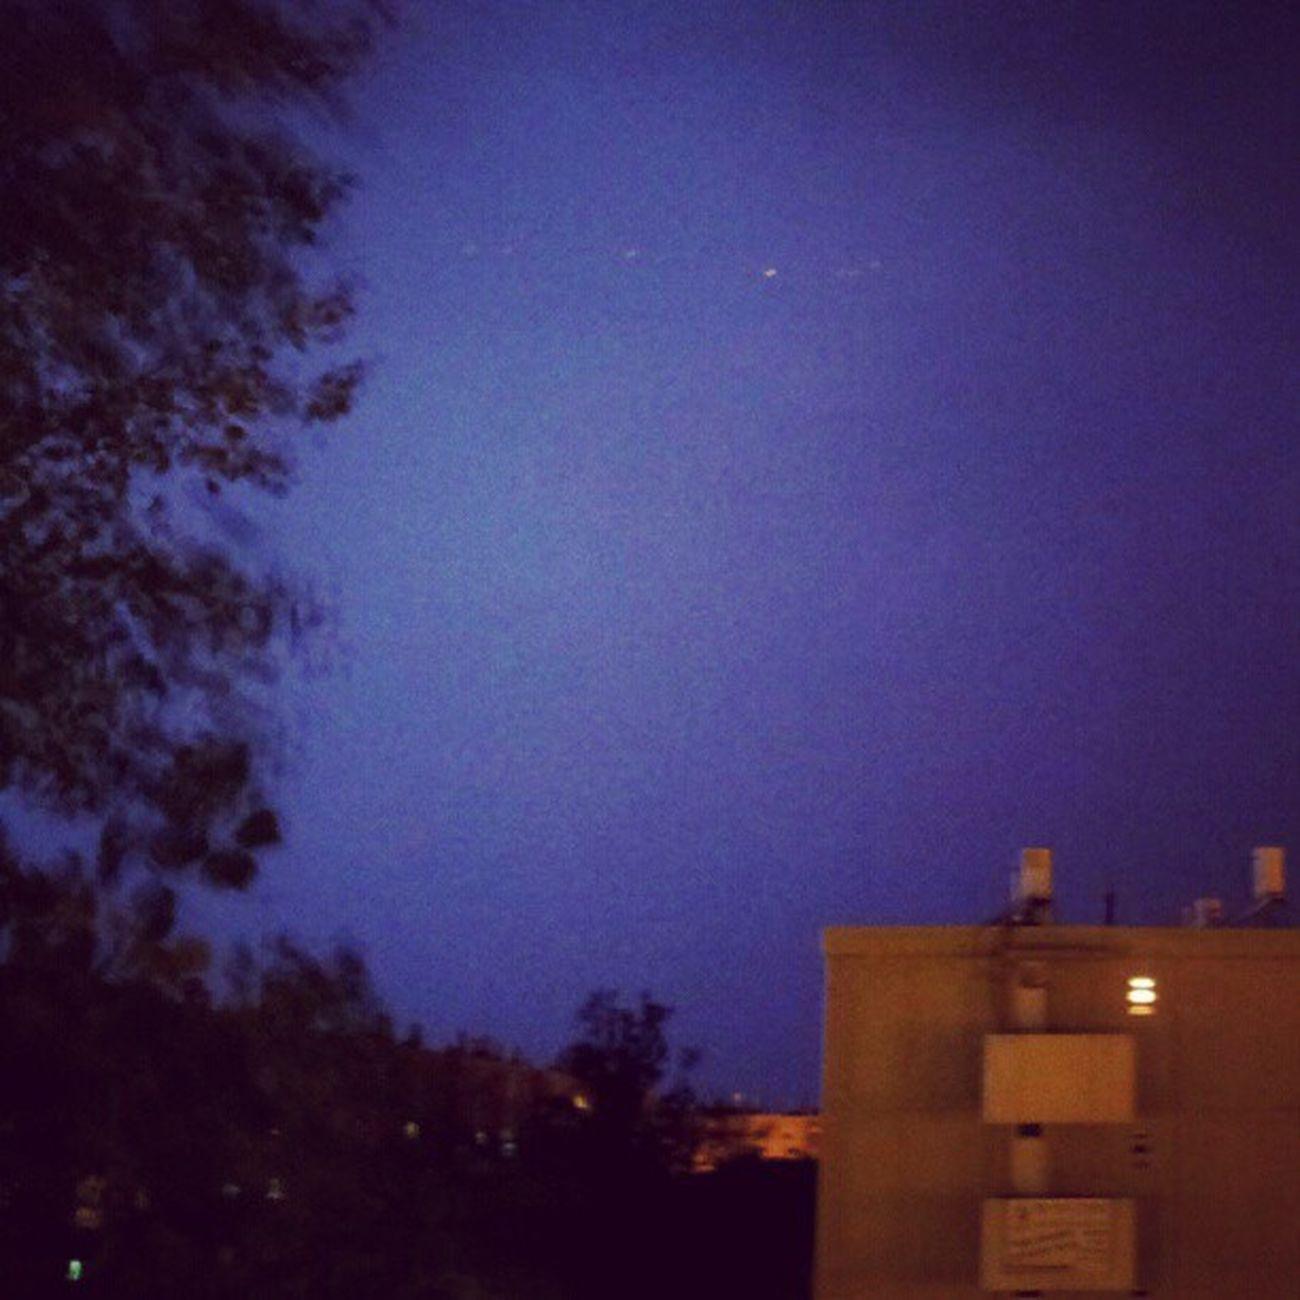 סופה מדברית של פעם ב-20 שנה - ואני פה. ברקים צובעים את השמיפ בסגול מחושמל